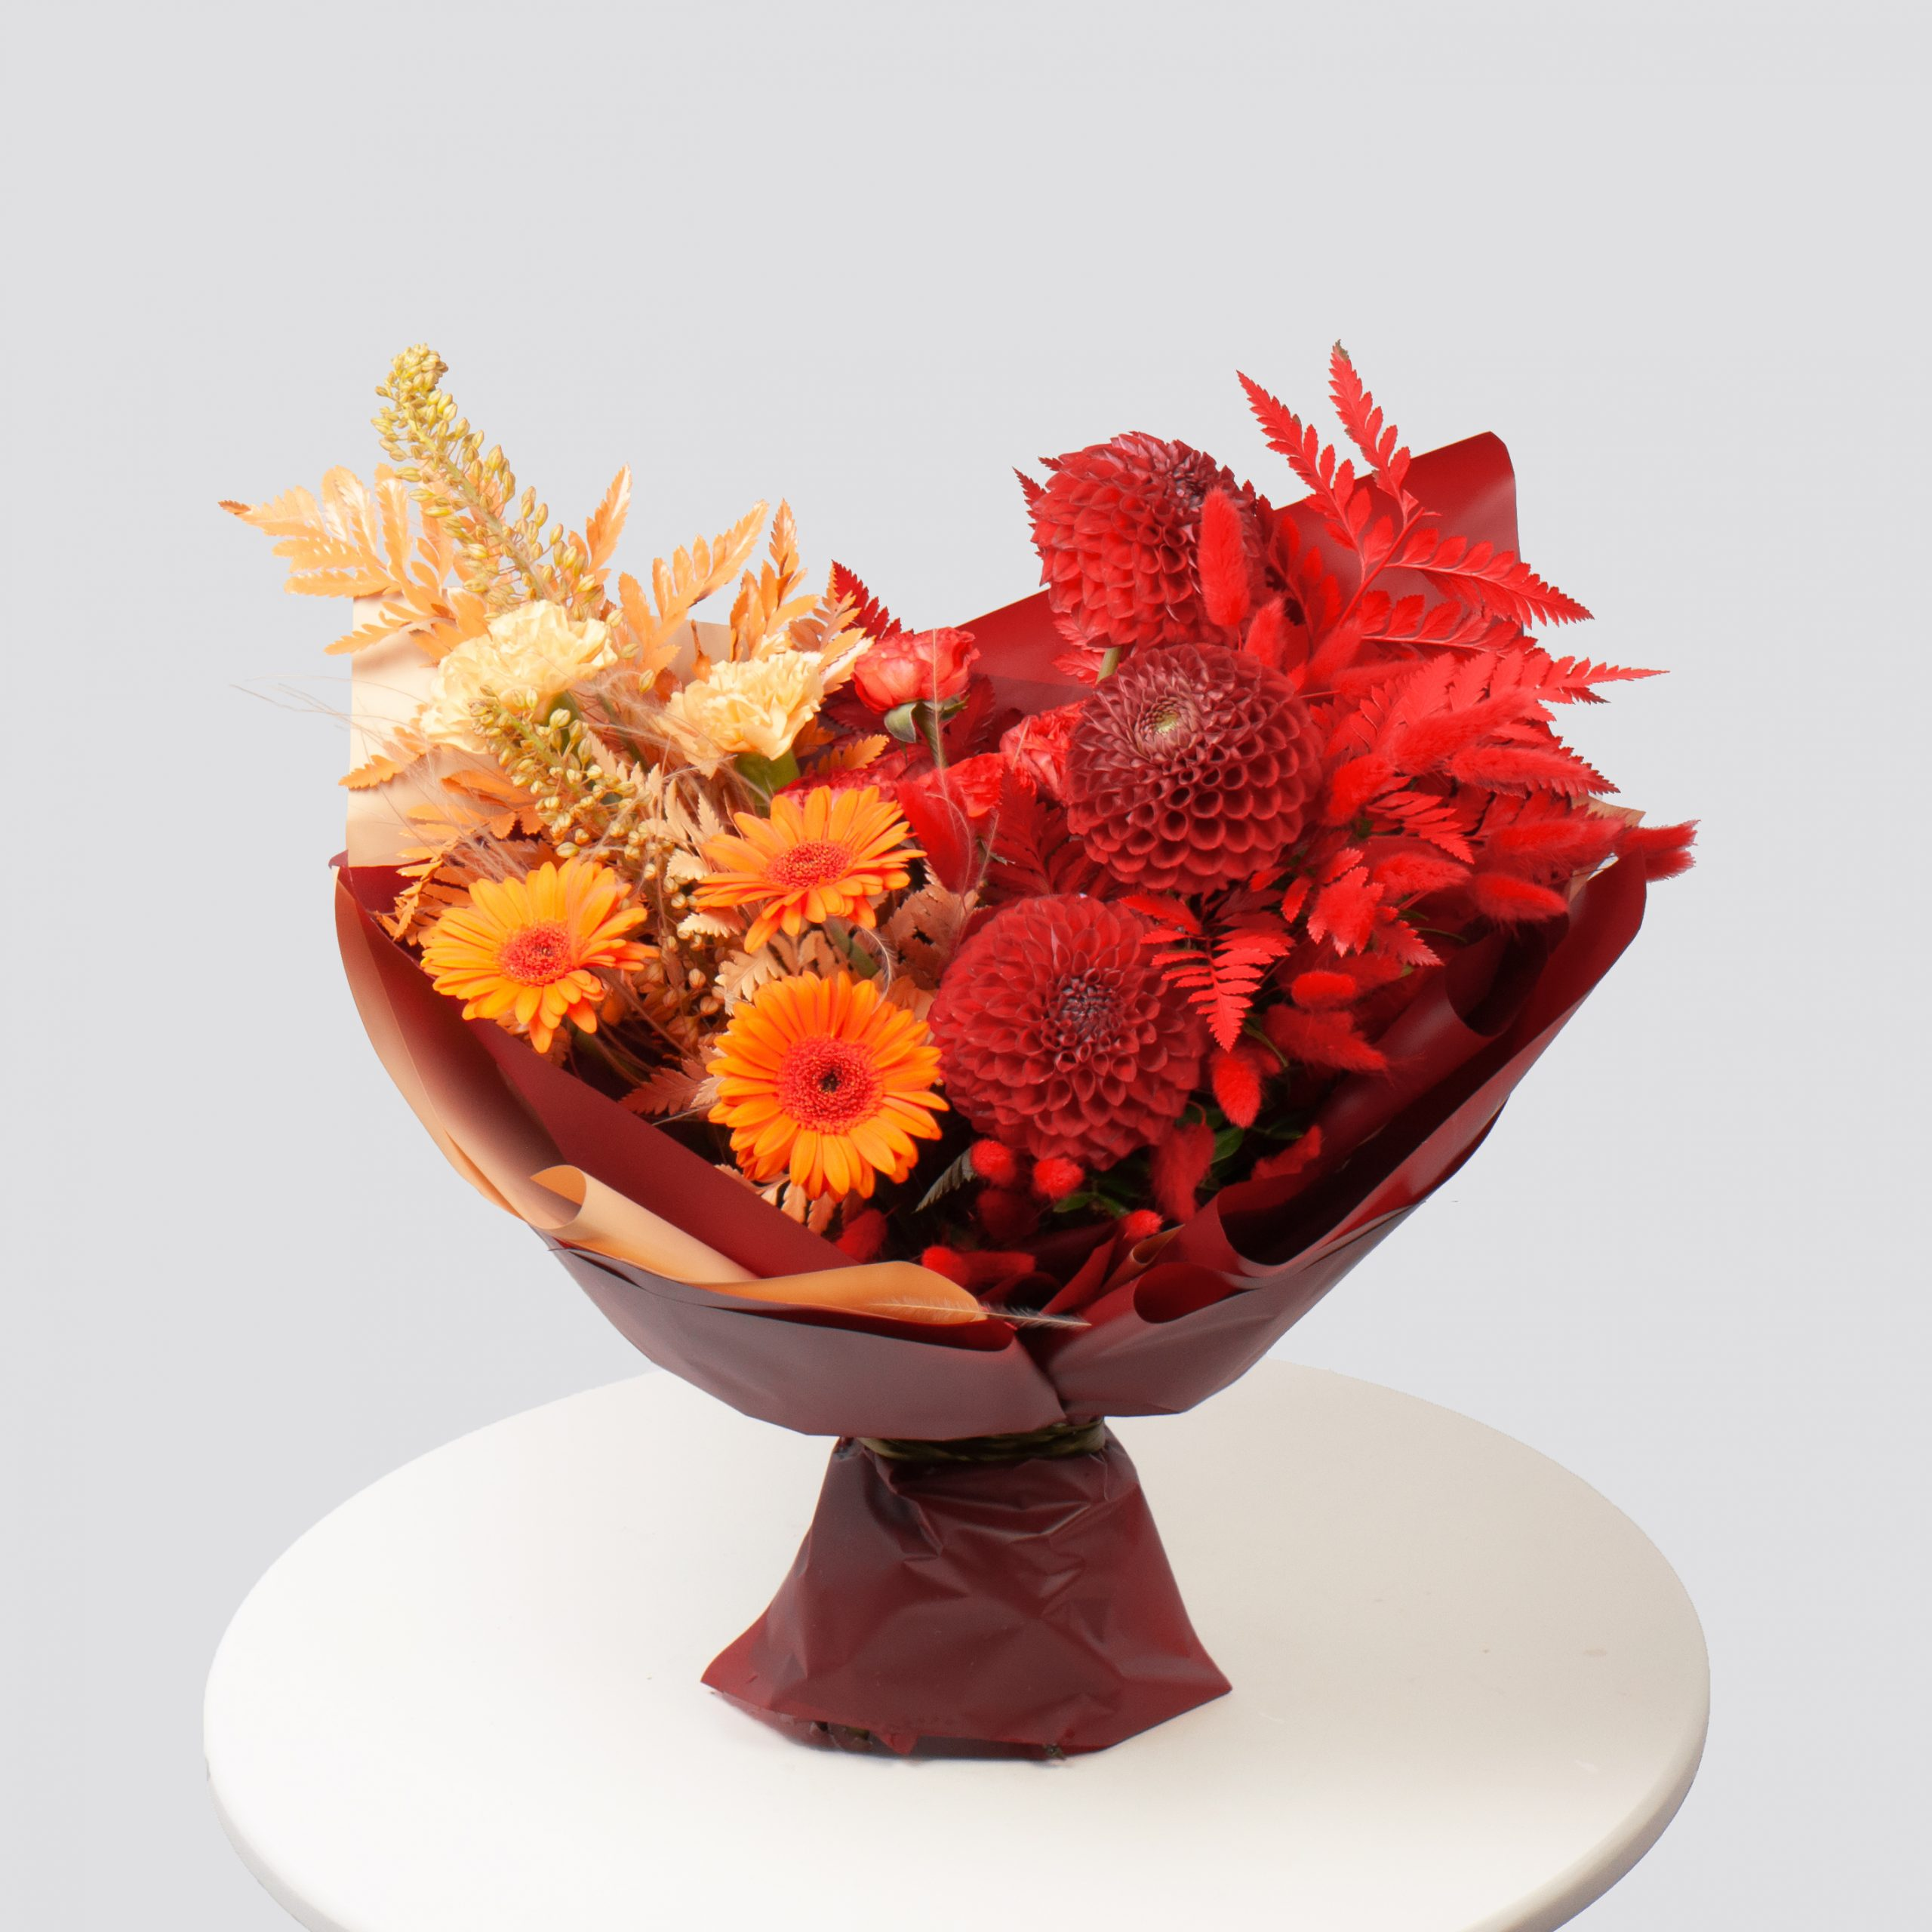 Букет в оранжево-желтой гамме №57 - купить цветы в Санкт Петербурге